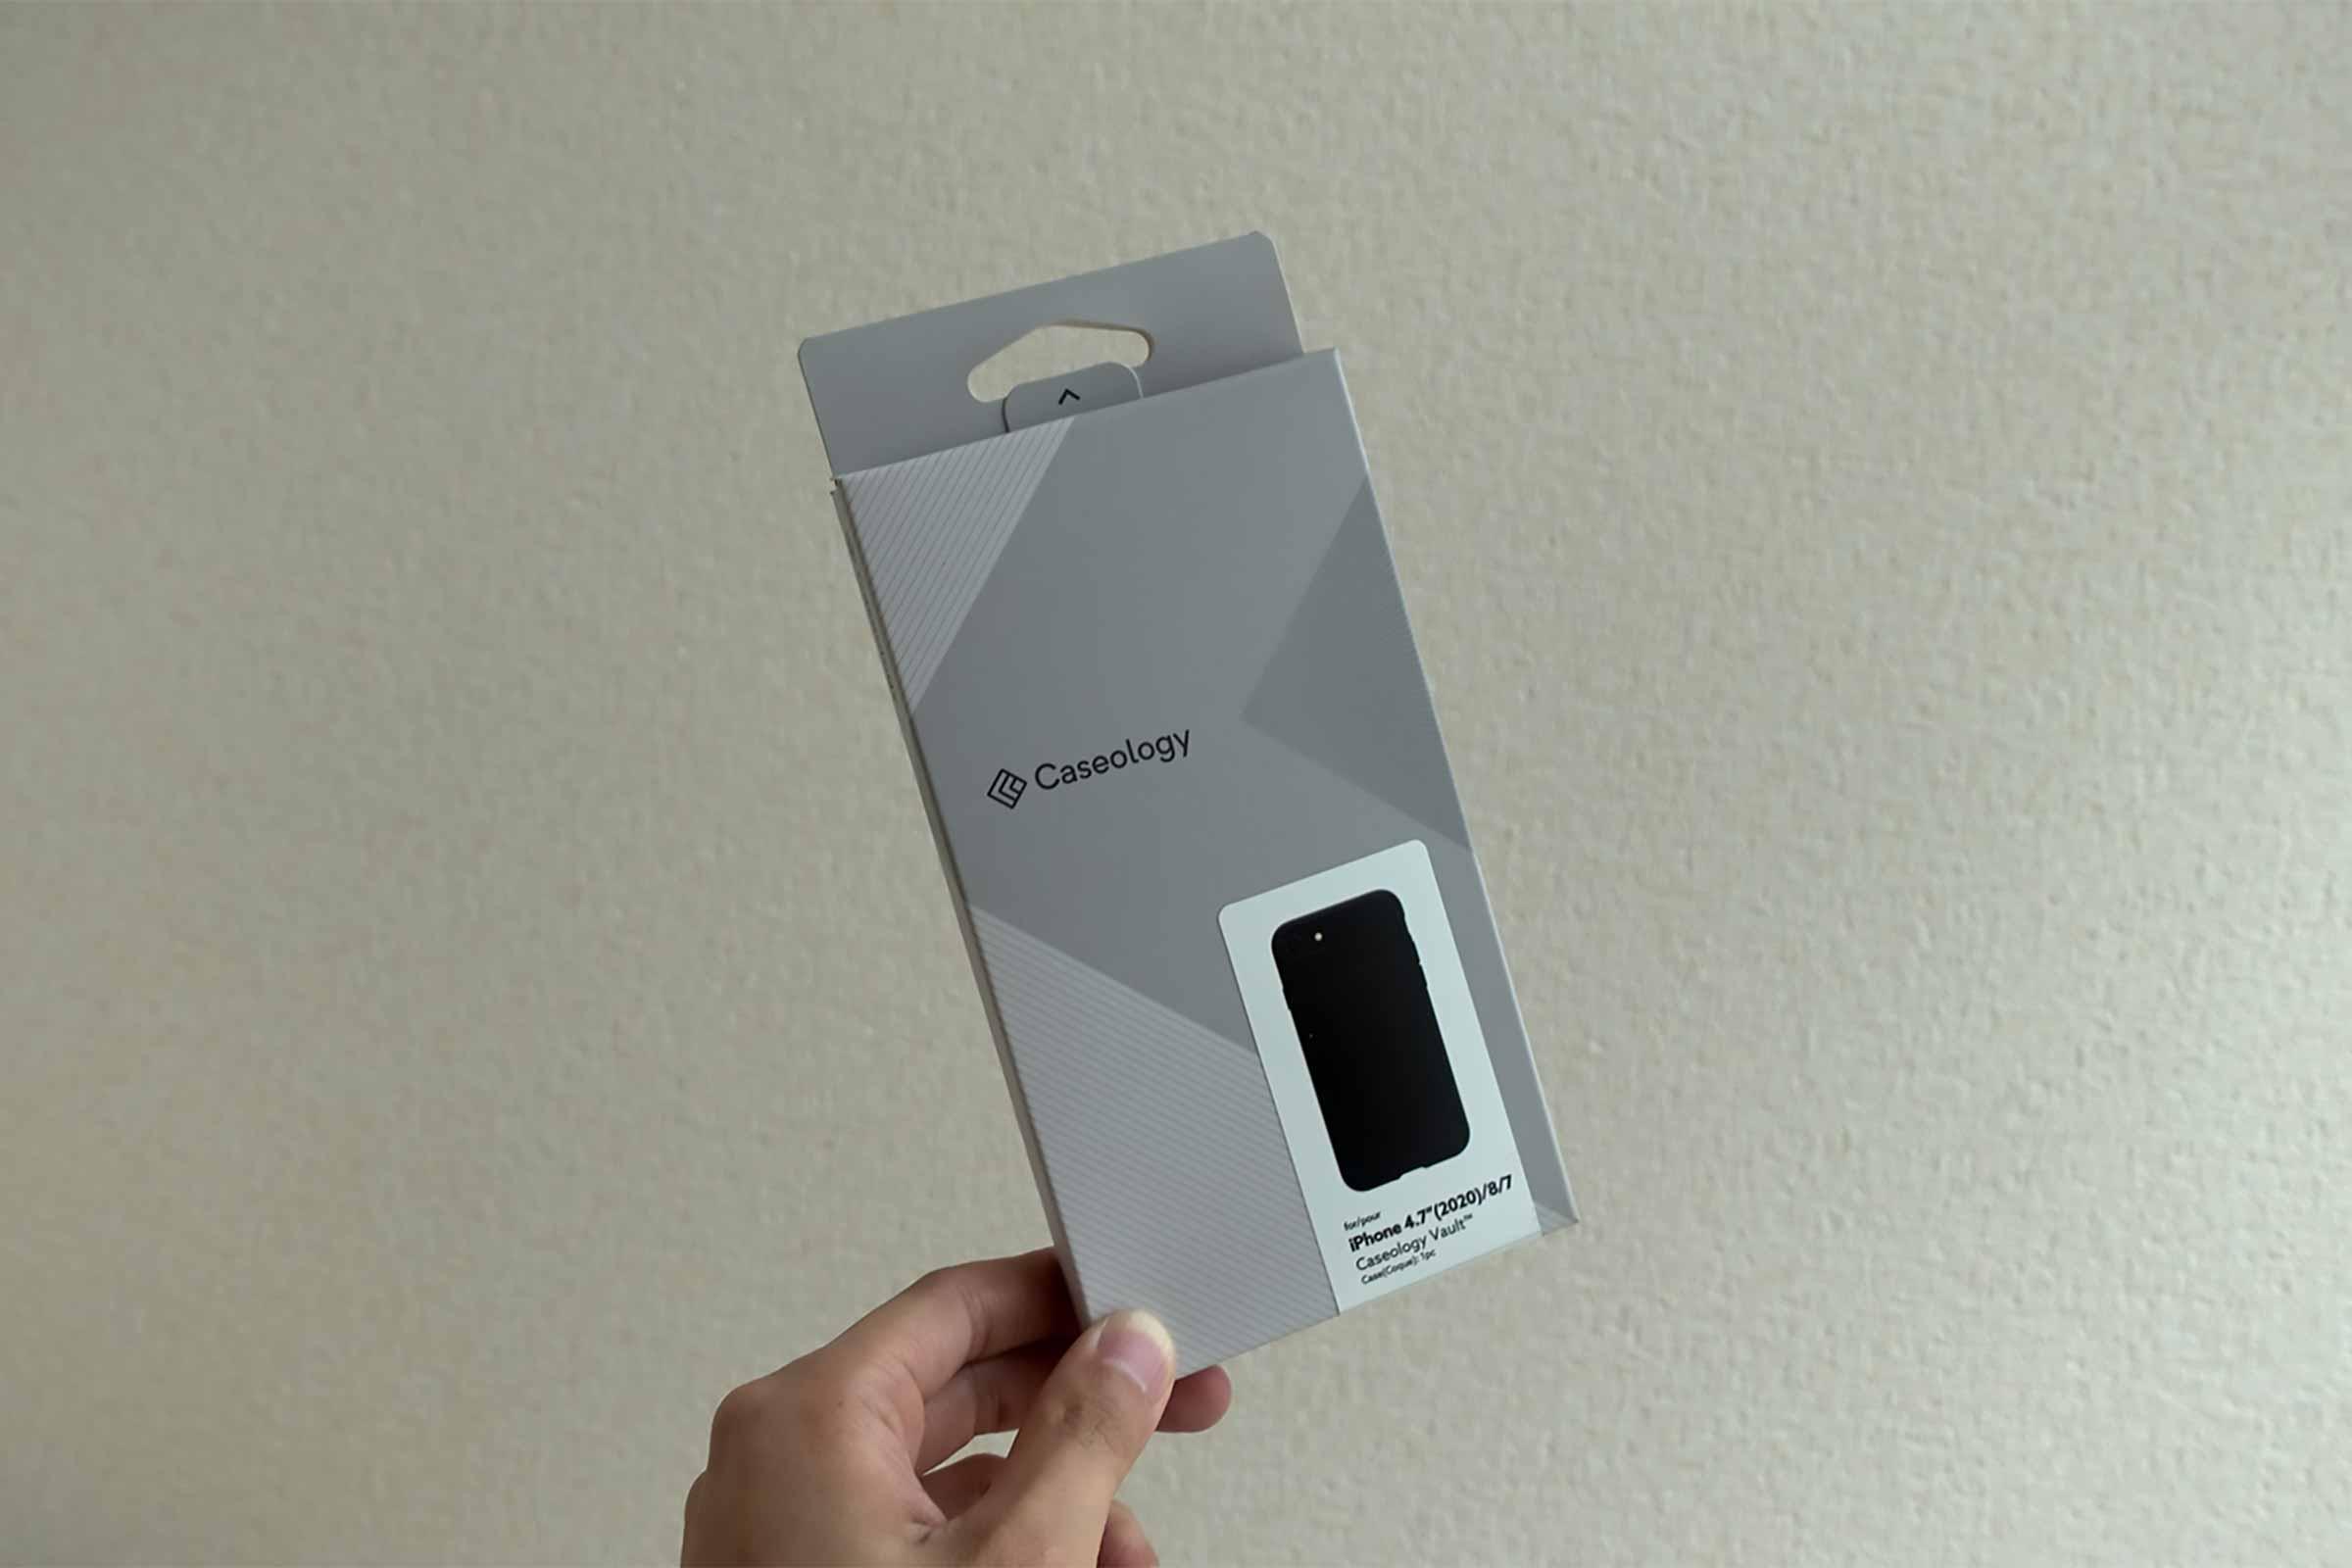 iPhoneケース,スマホケース,iPhone SE2,ヴォールト,黒,安い,コスパ,丈夫